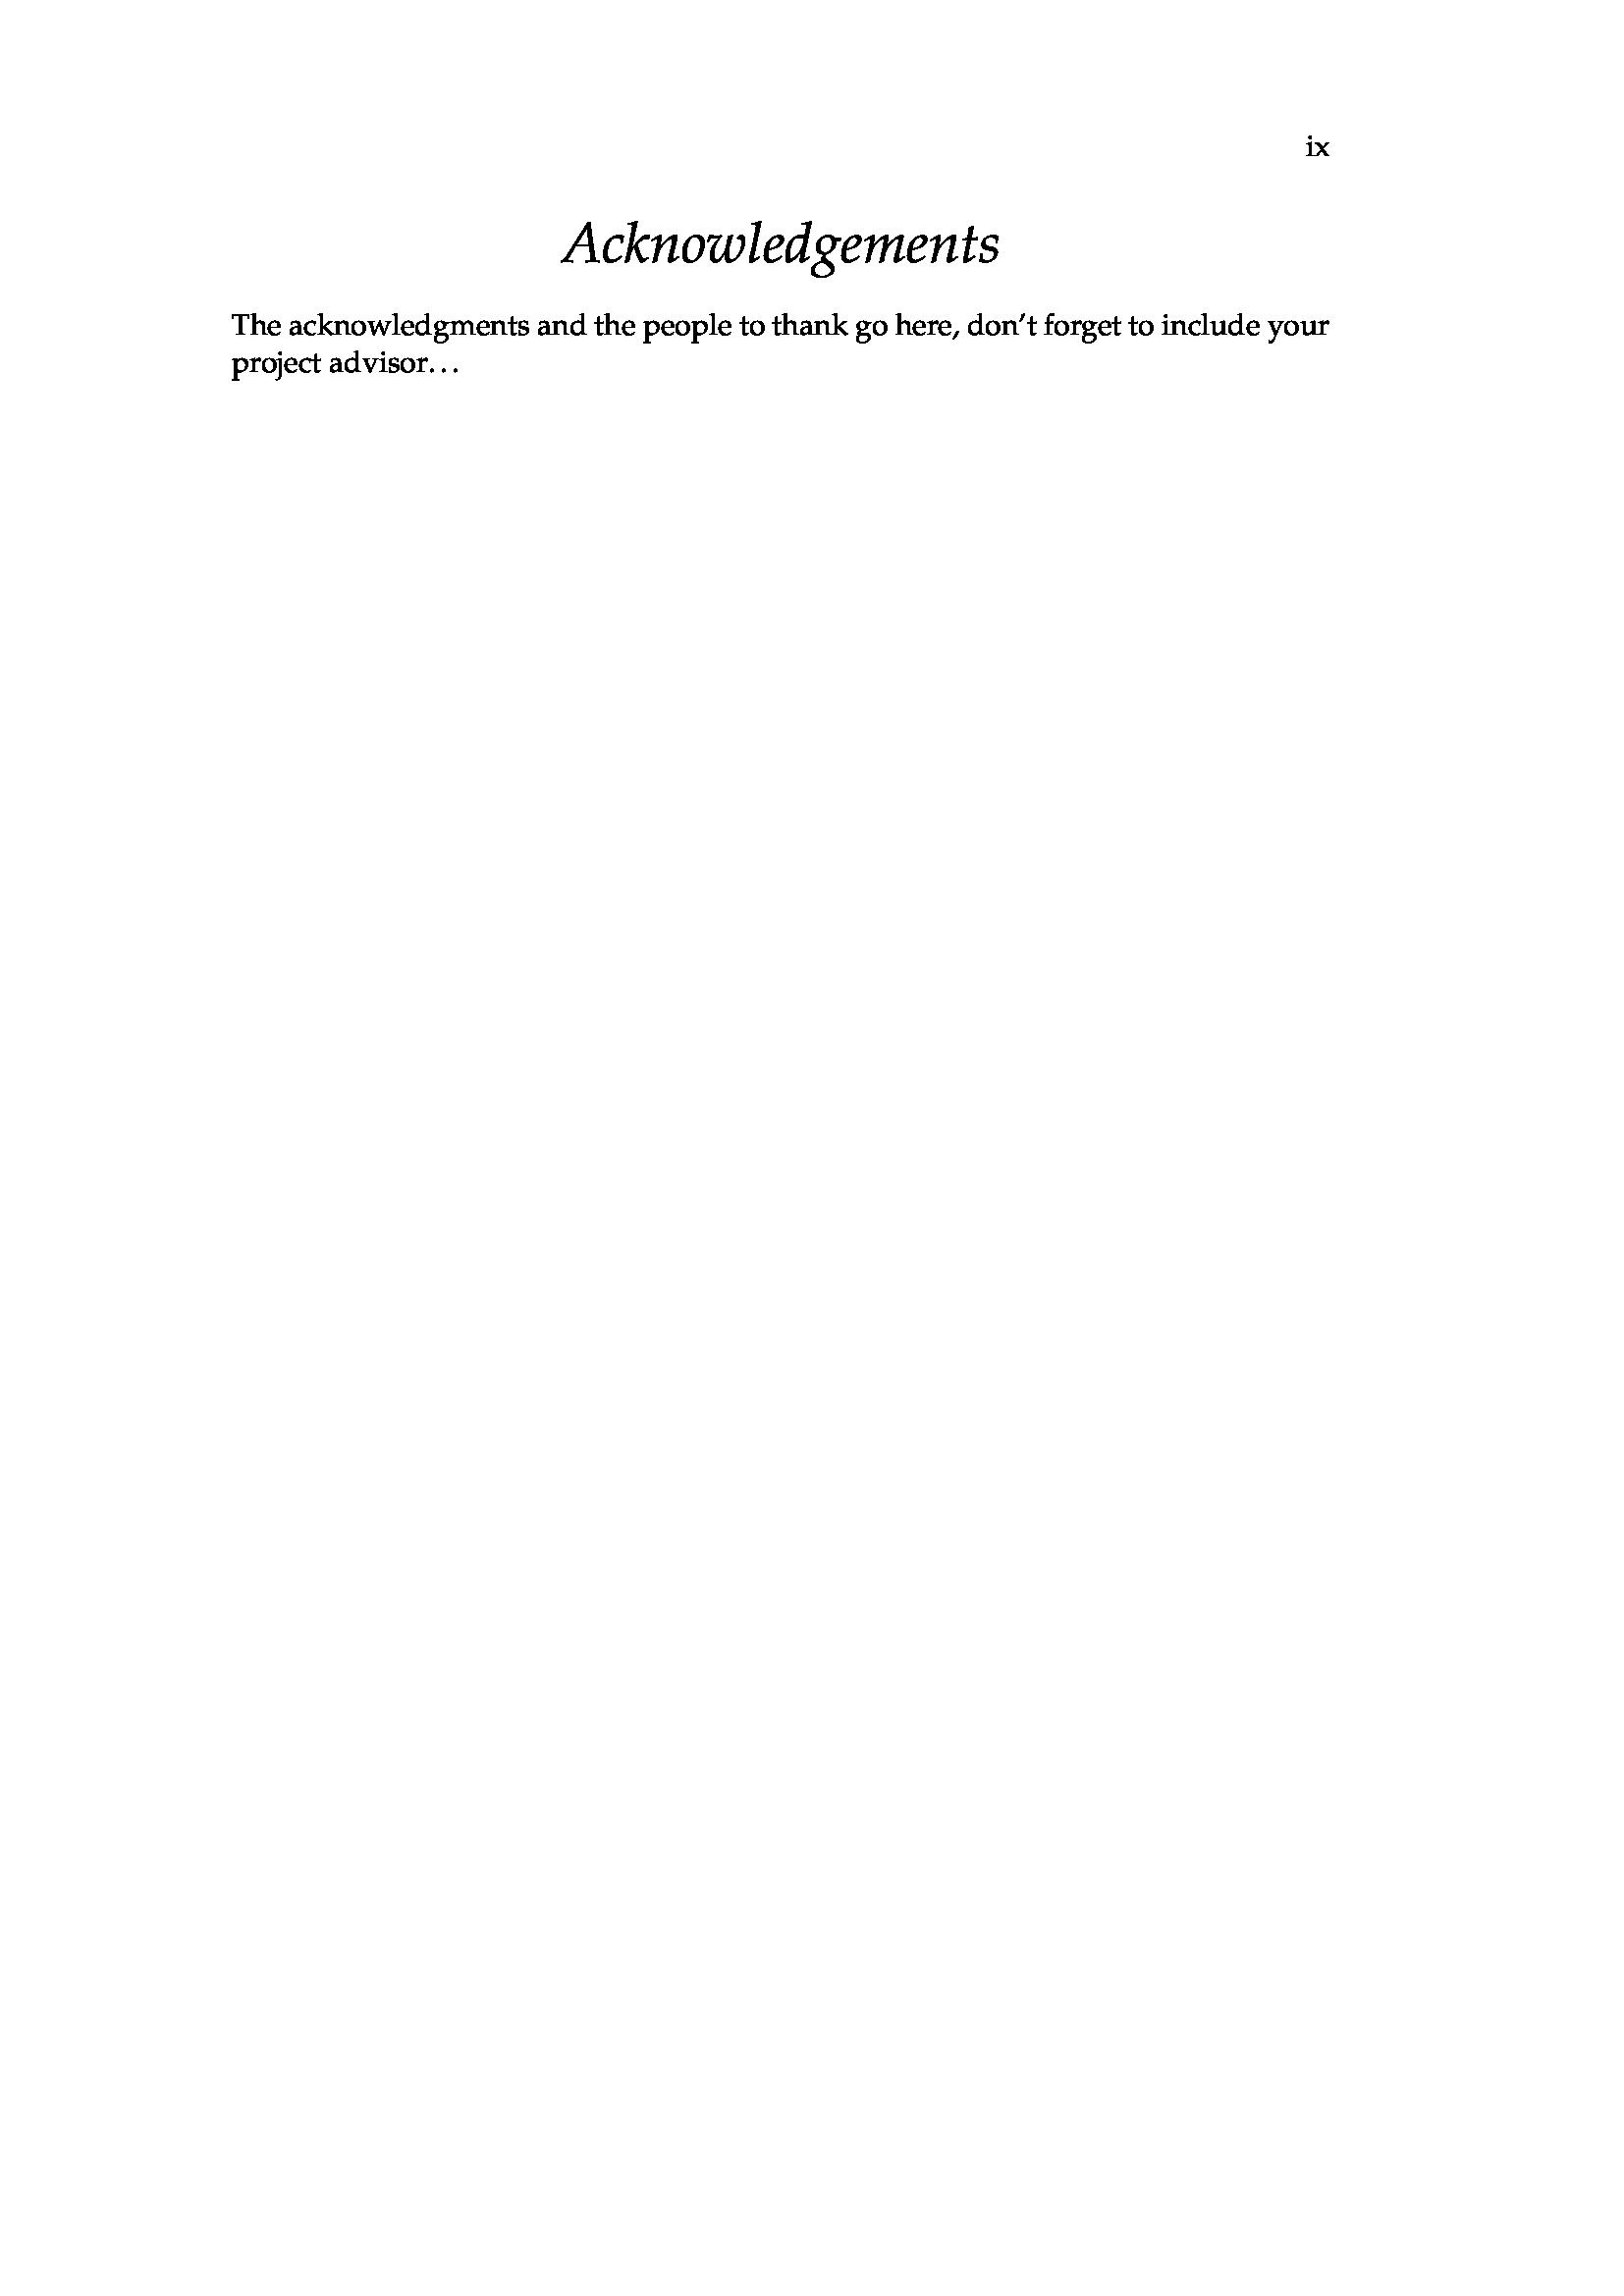 一個典型的英文畢業論文 LaTeX 模板